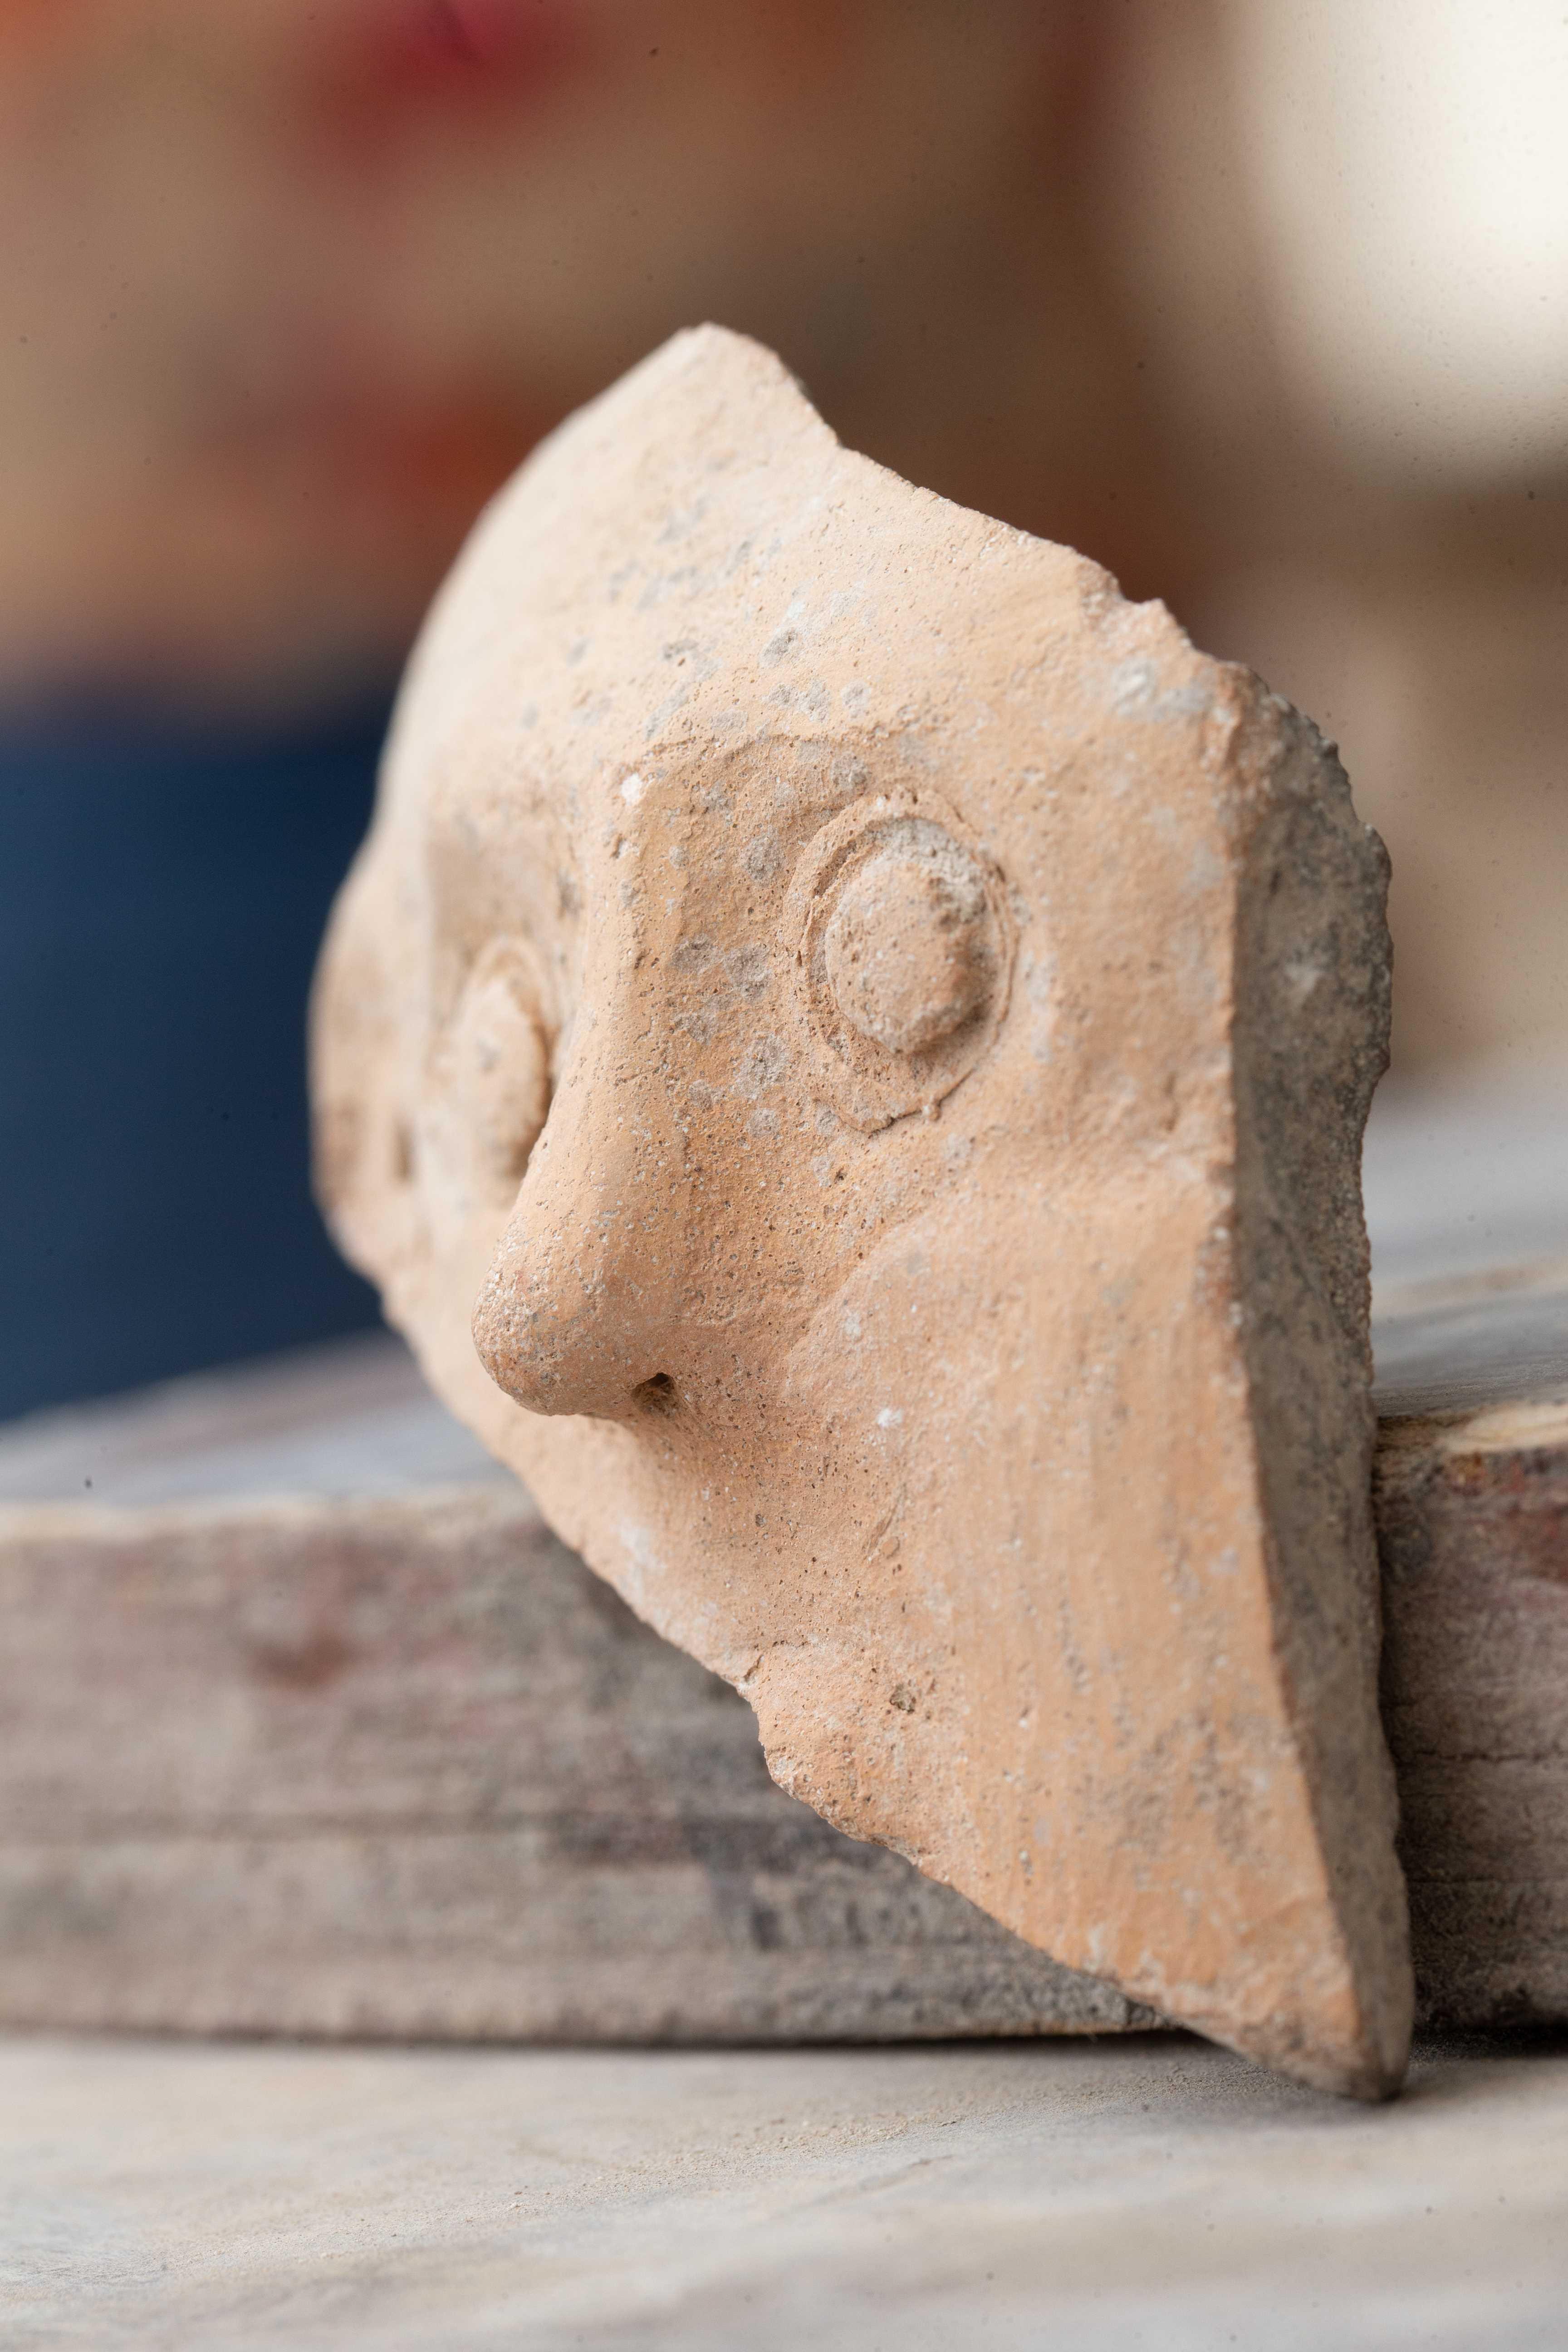 4-5 век до н.э. Изображение лица, впервые найденное в Иерусалиме. Фото: Илияху Янай. Город Давида.